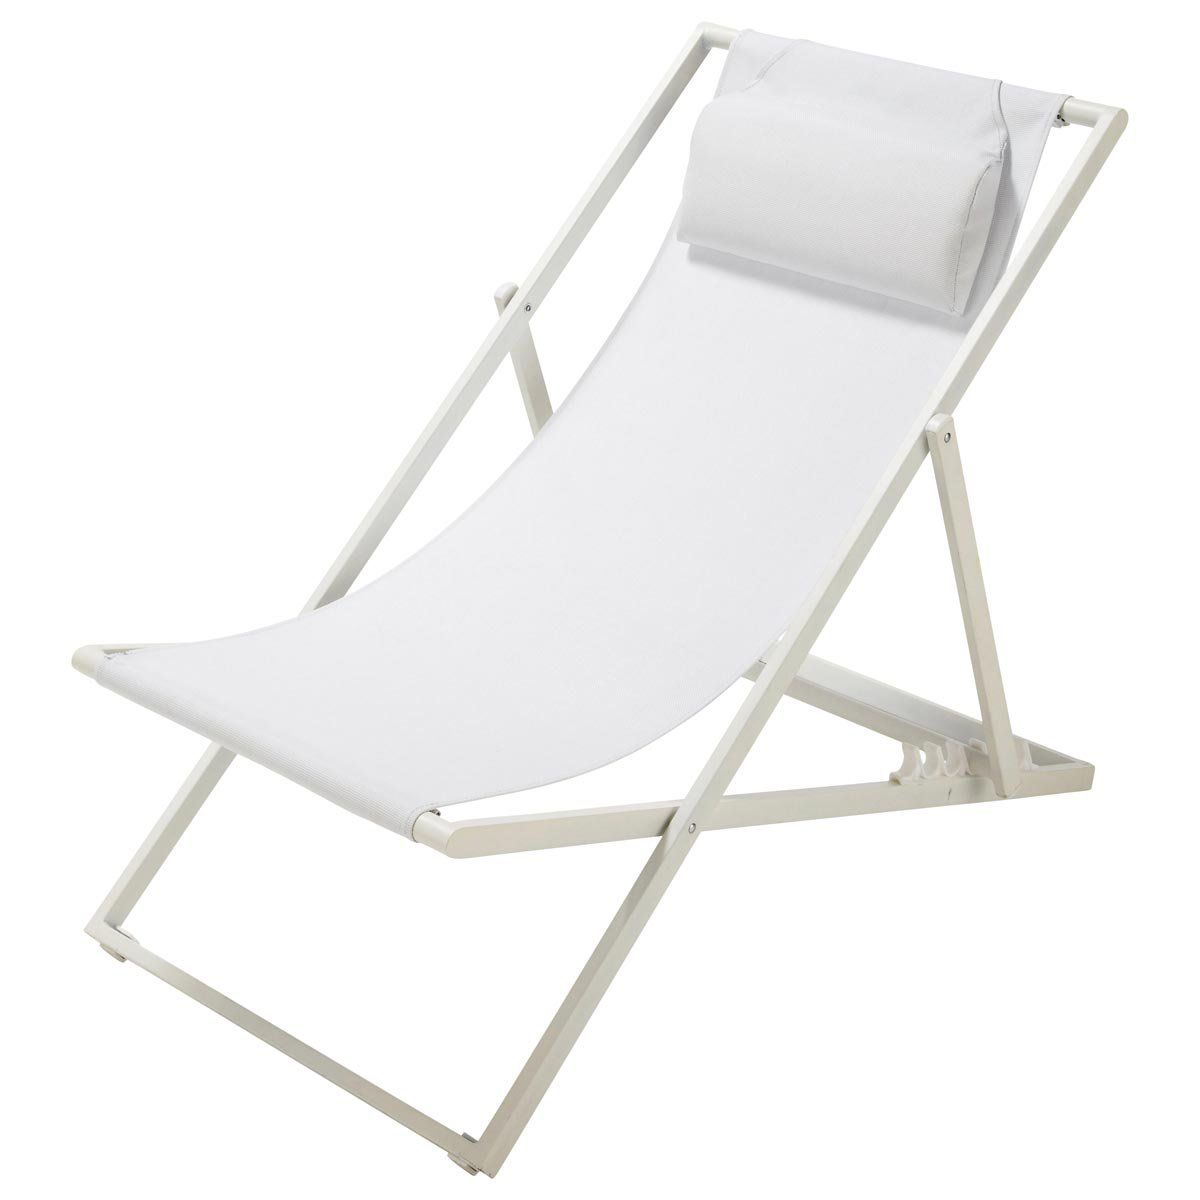 Chaise longue / chilienne pliante en métal blanche